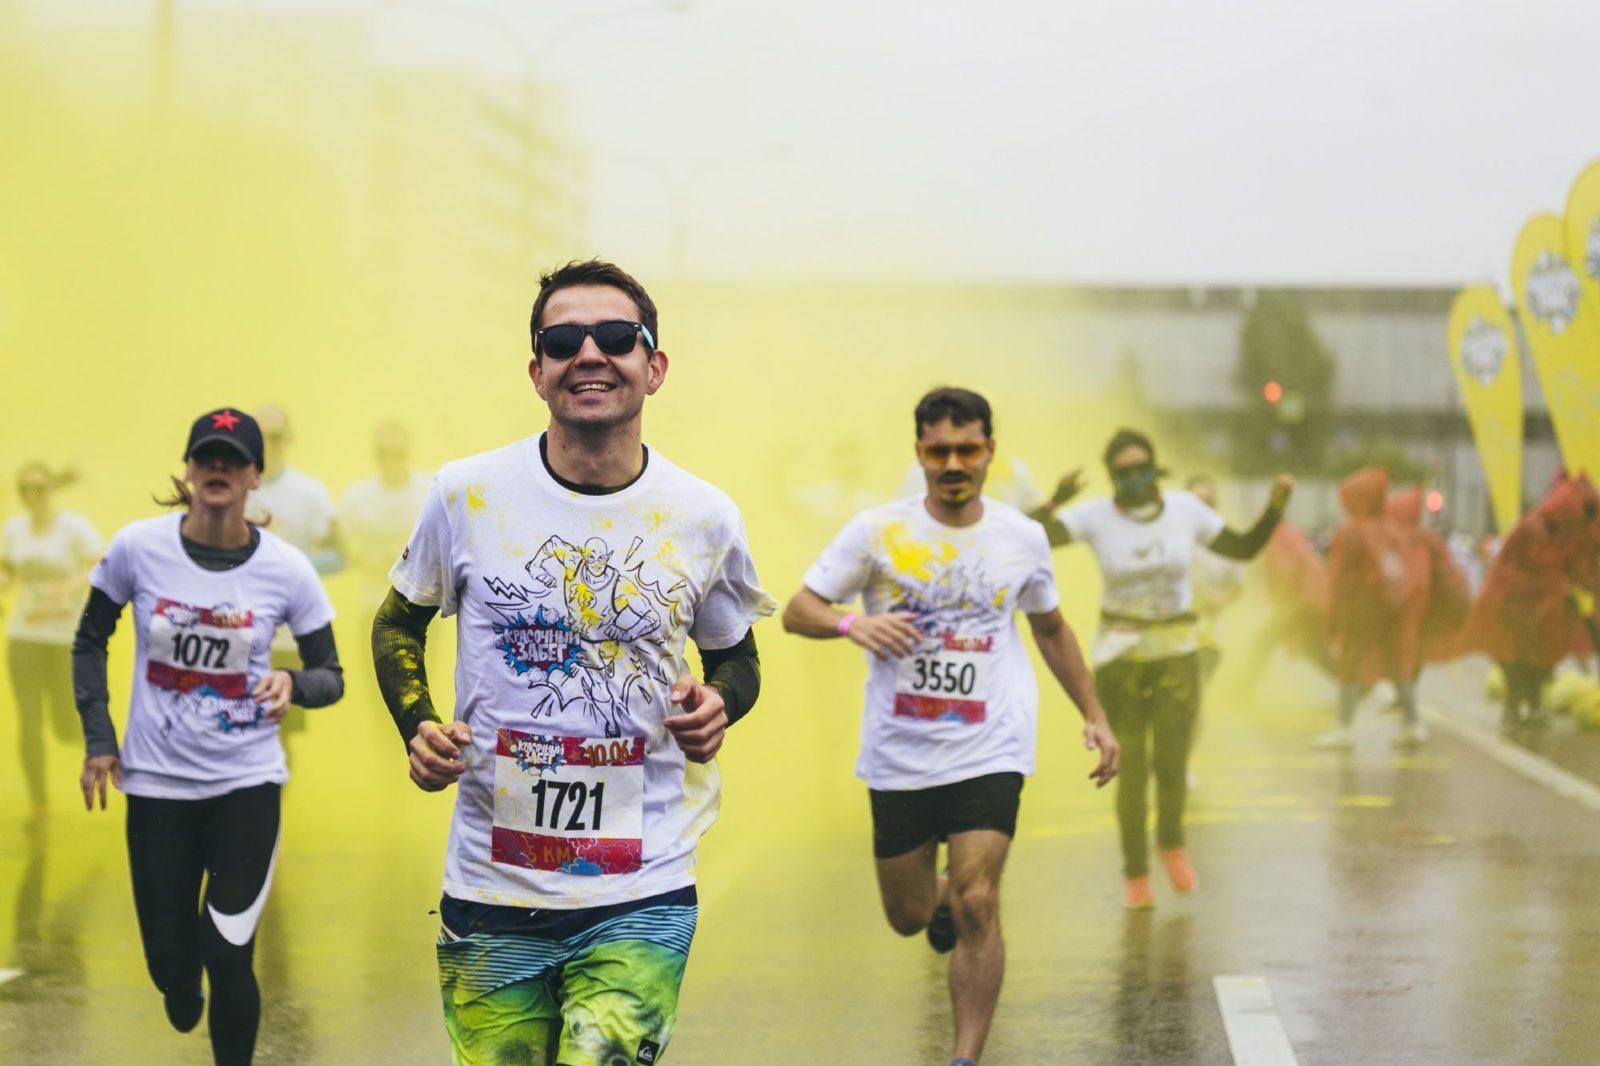 Красочный забег Colorrun 2018 Moscow Marathon